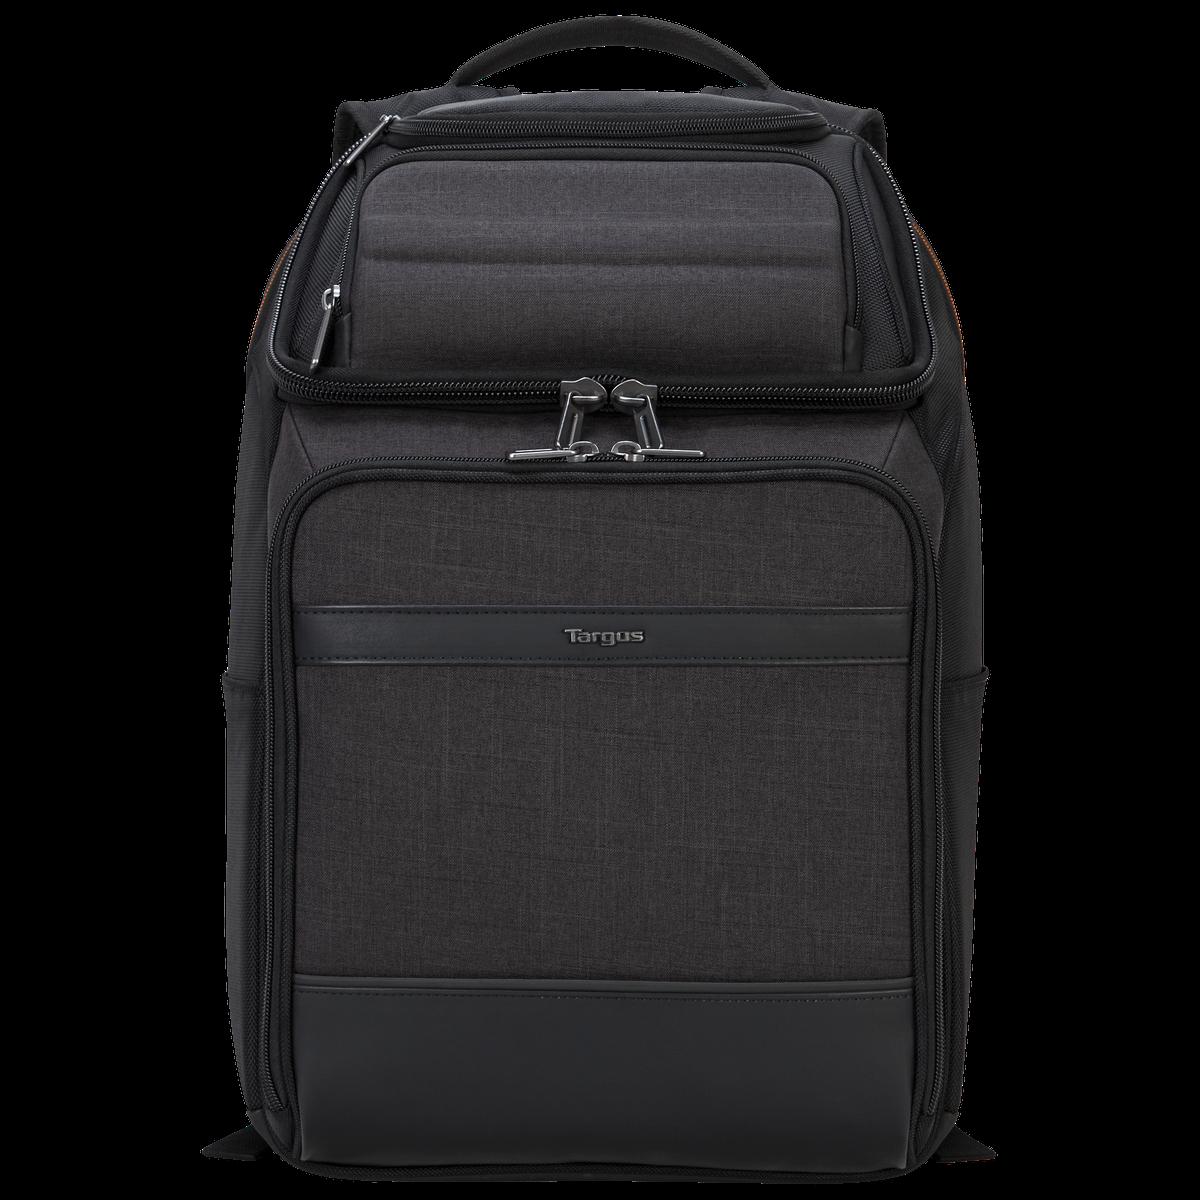 156 citysmart eva pro backpack